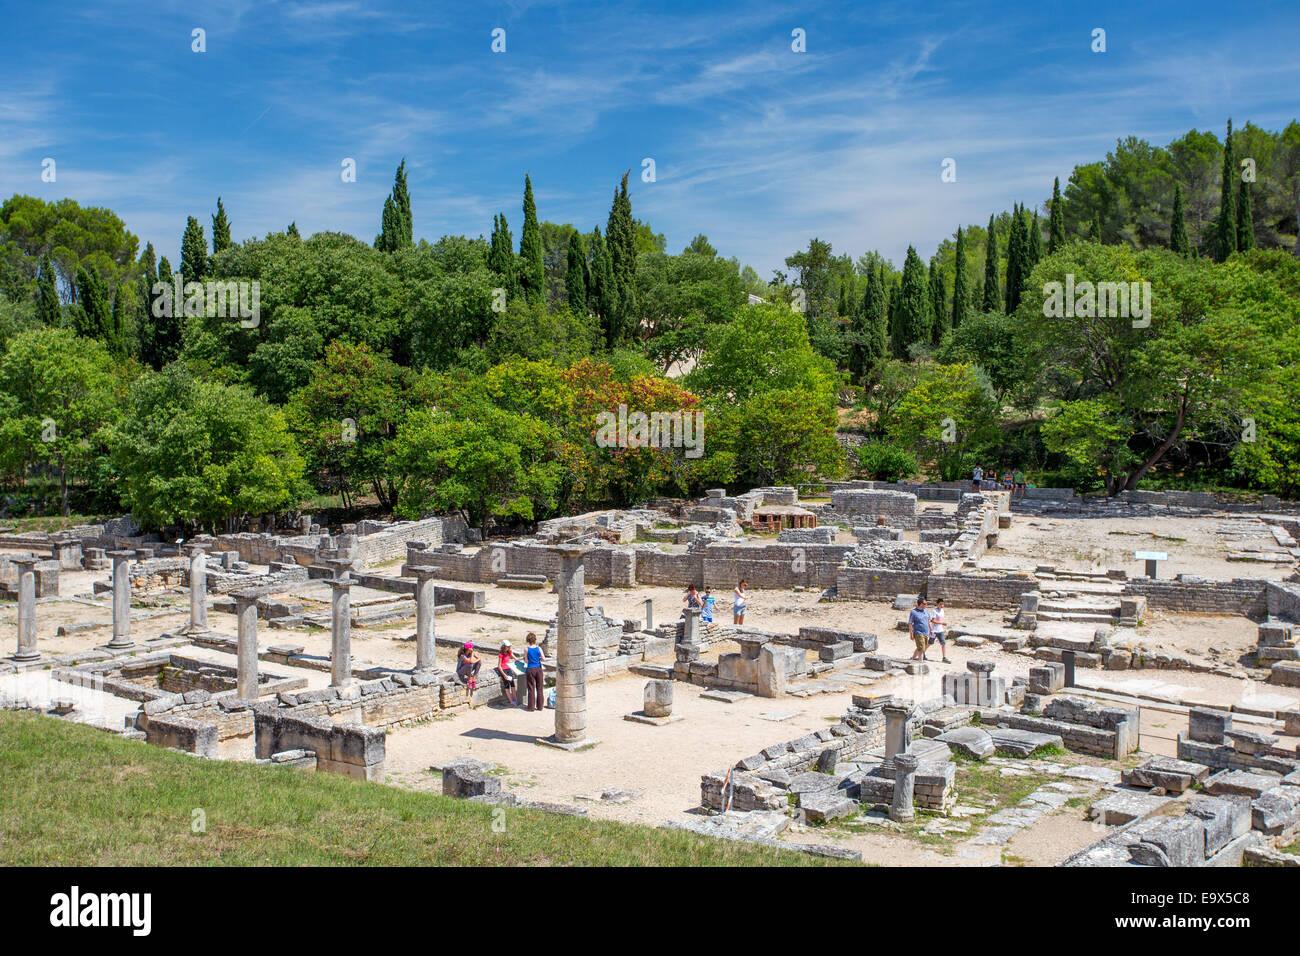 Ruines de la ville romaine de Glanum à St Rémy de Provence, Provence, France Photo Stock